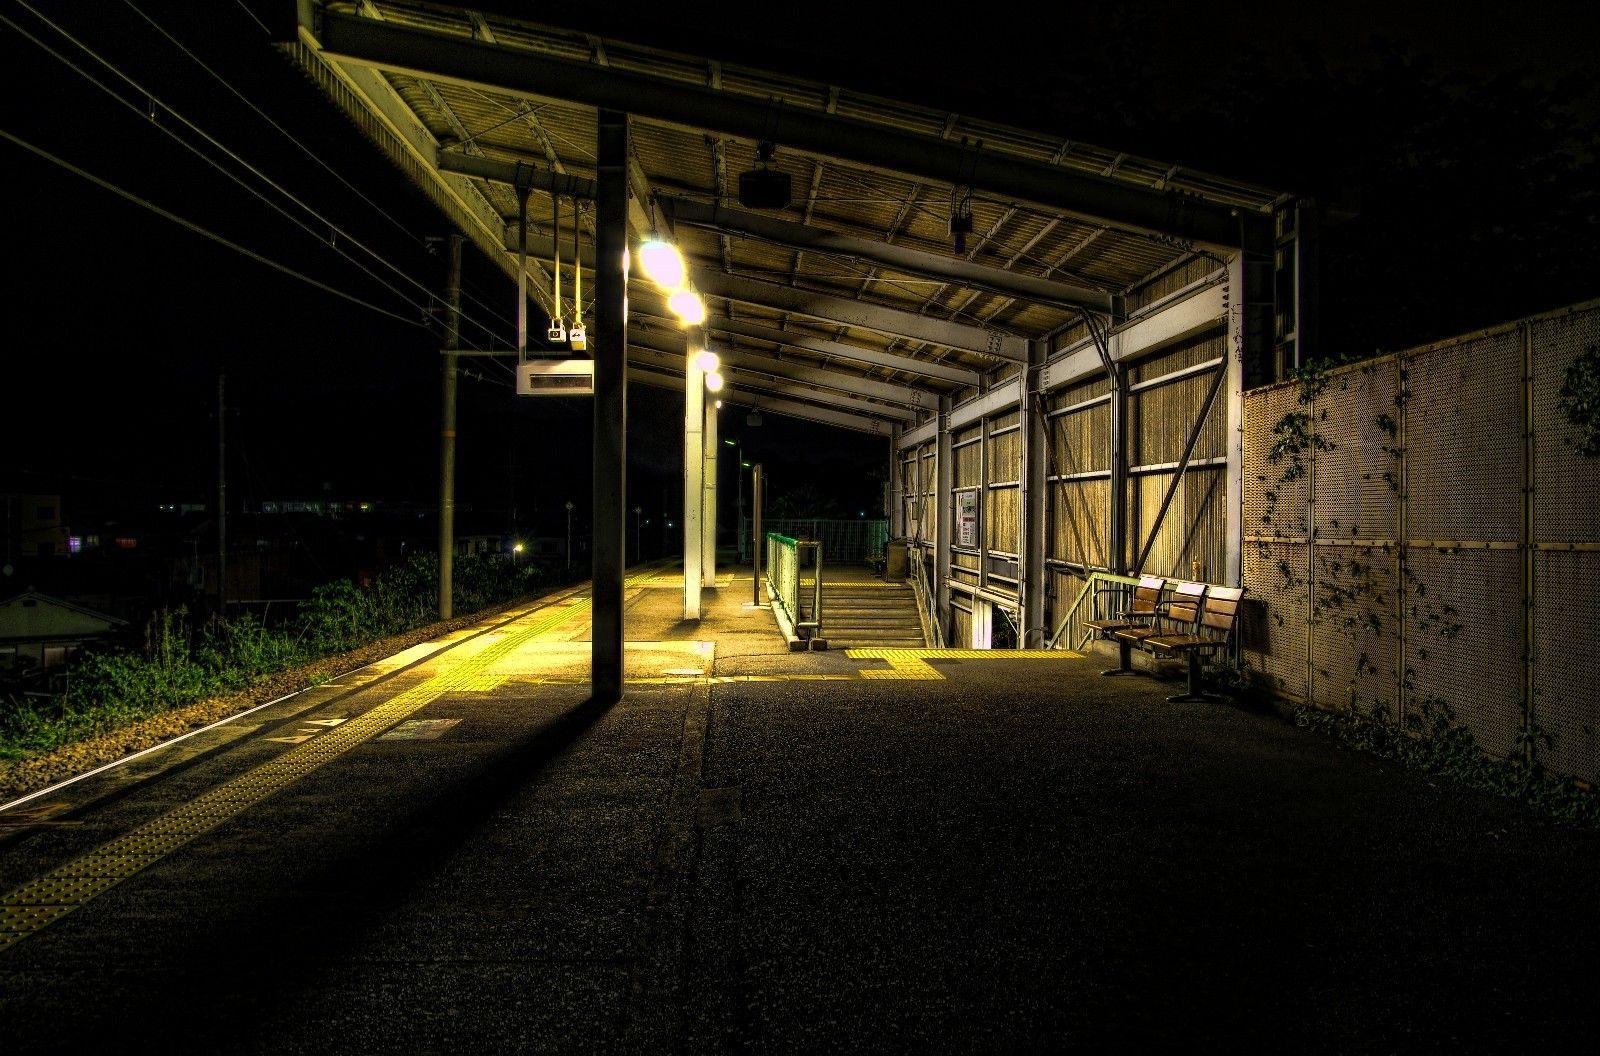 【都市伝説】きさらぎ駅とは?行き方や場所は?たどり着いた5人まとめのサムネイル画像